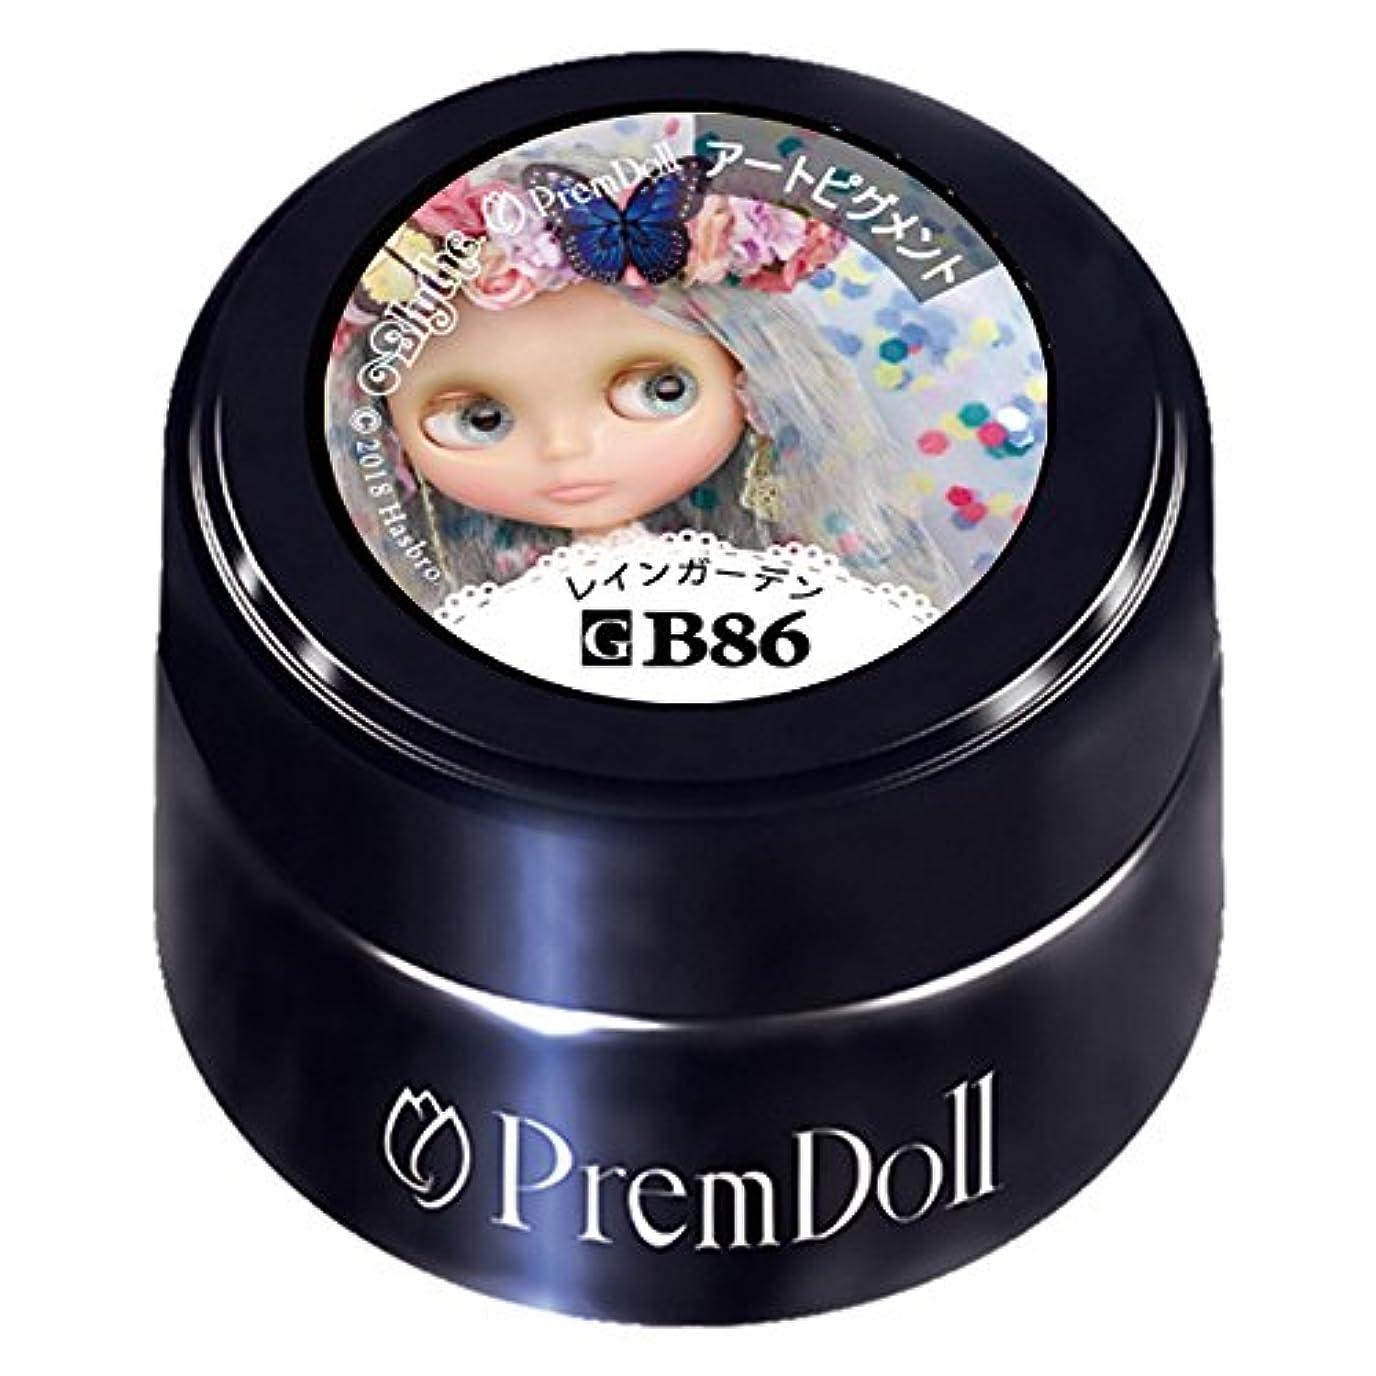 チョーク野な友だちPRE GEL プリムドールレインガーデン86 DOLL-B86 UV/LED対応